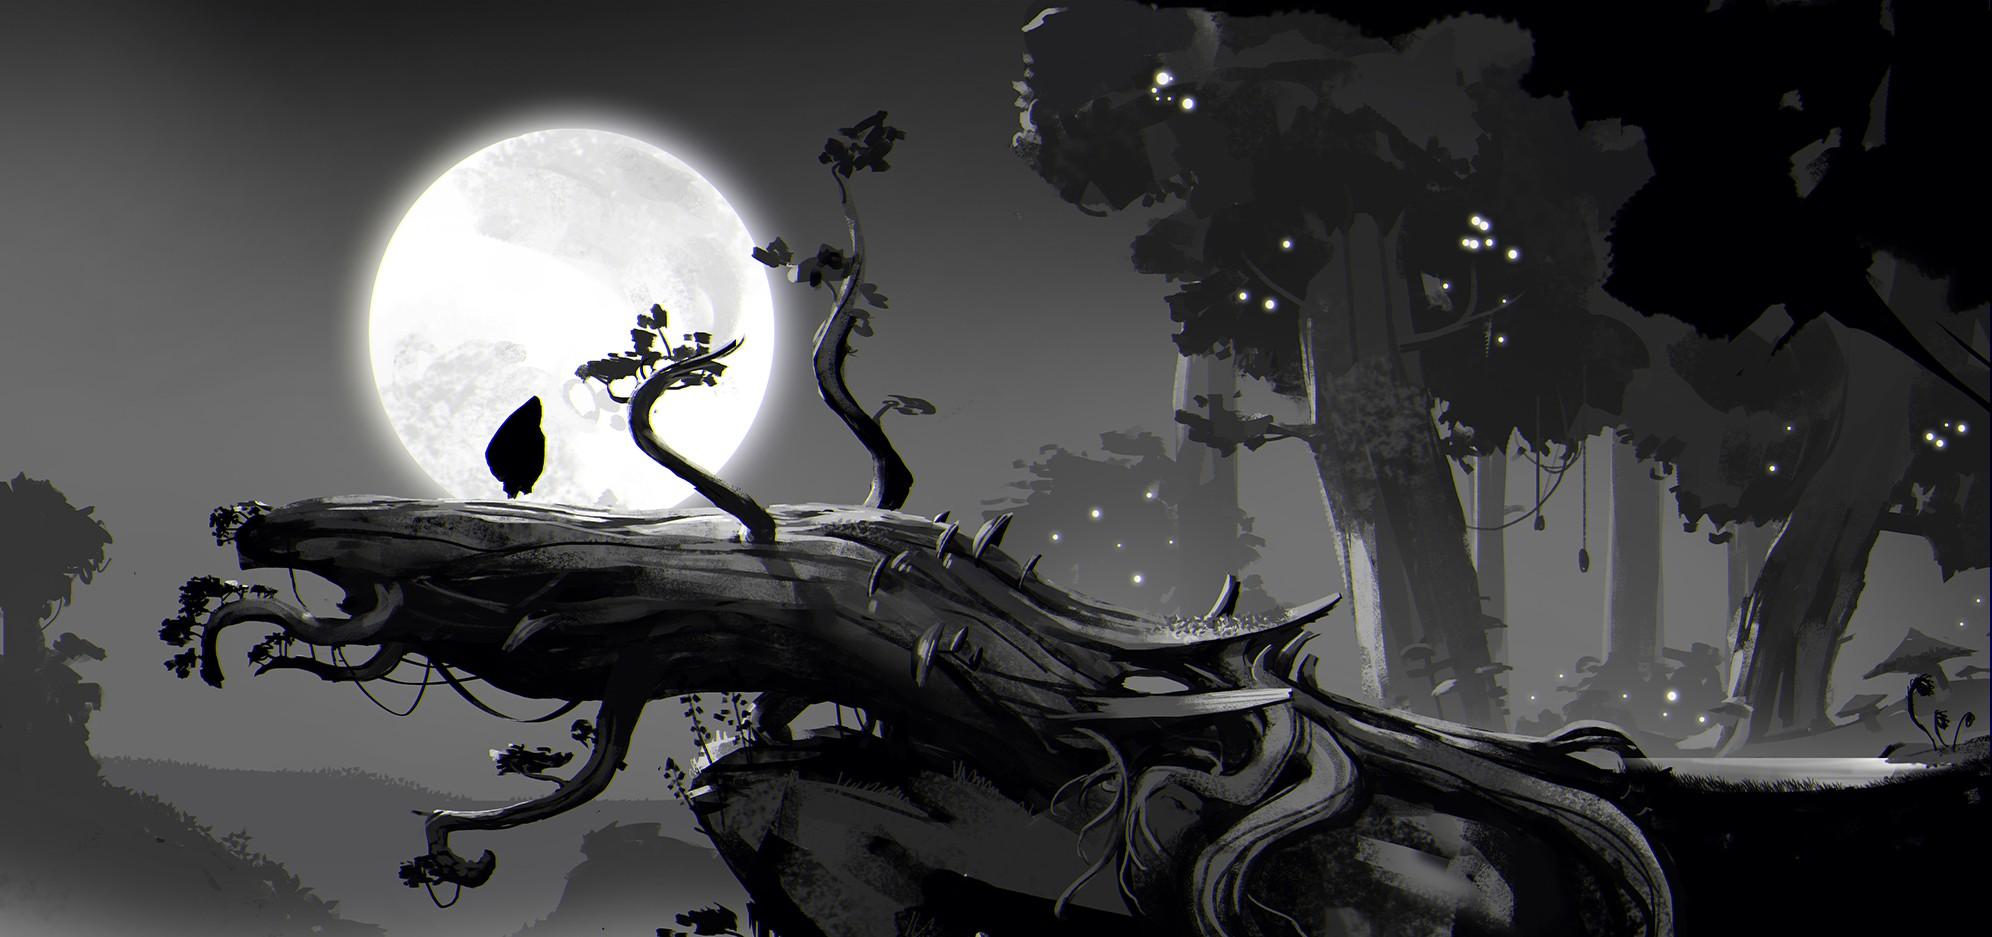 超美pc新作《奥日与黑暗森林》跳票至2015年初图片